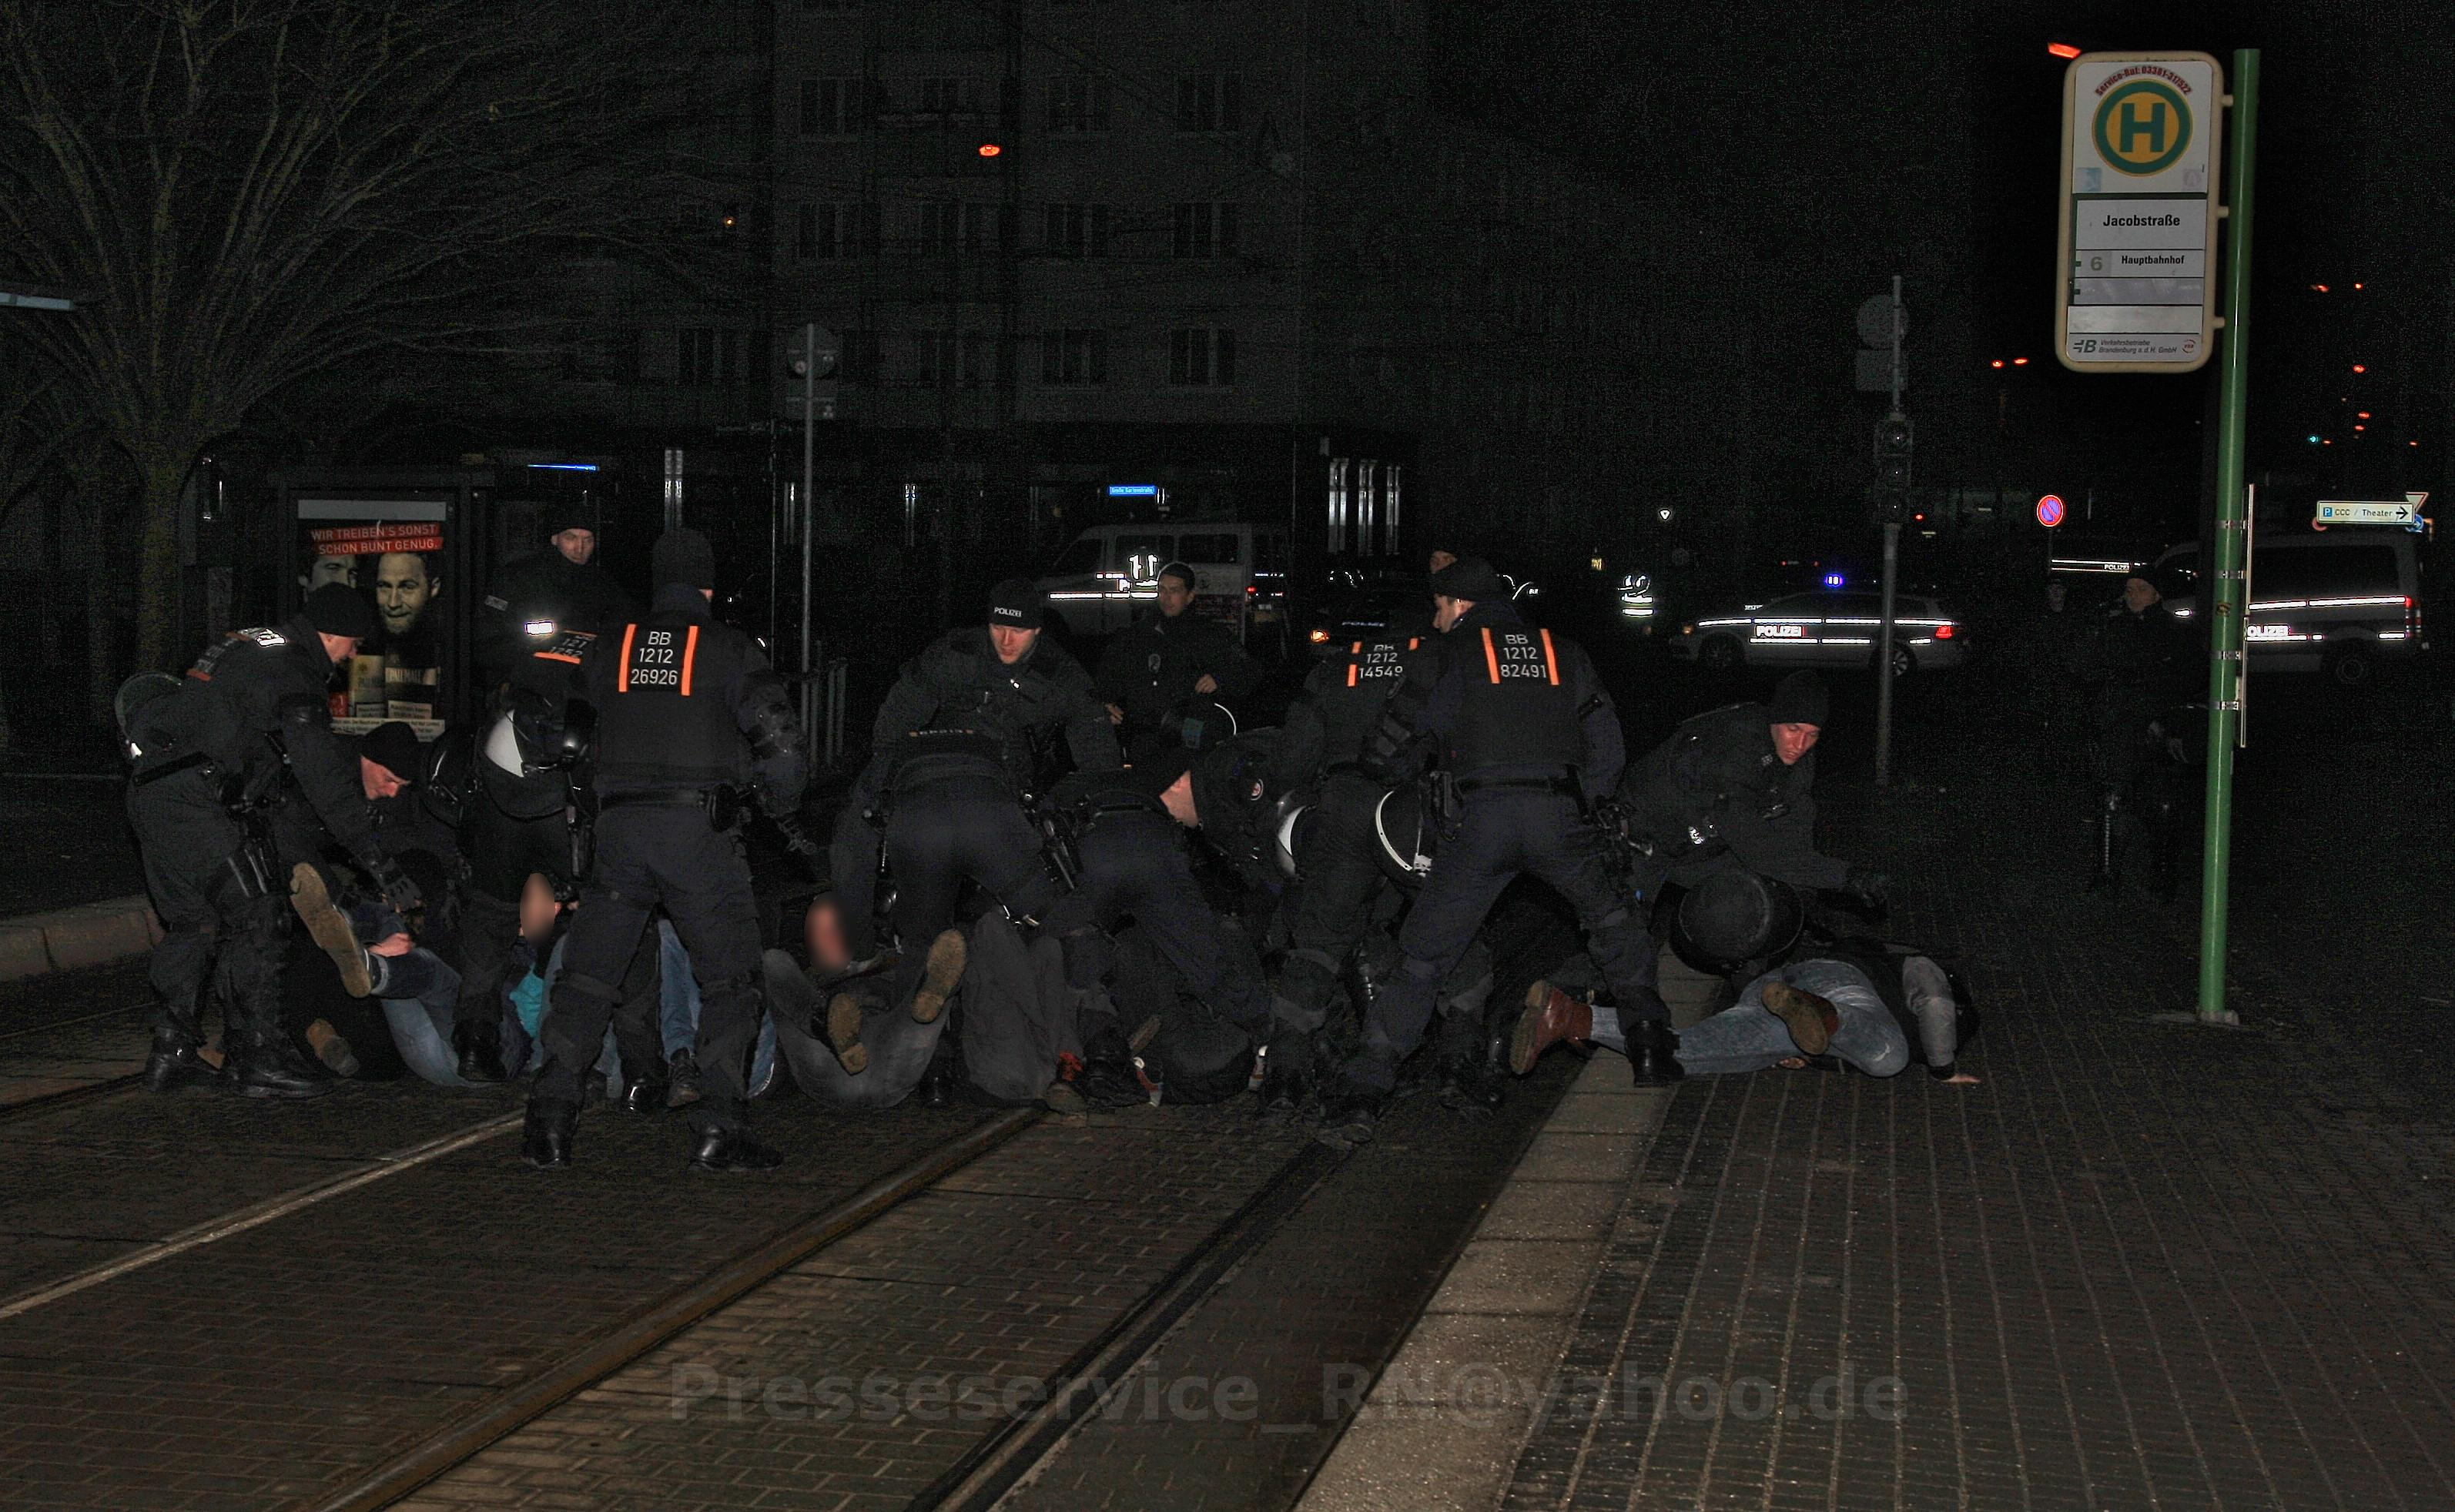 Brutale Räumung der Sitzblockade |Quelle: Presseservice Rathenow